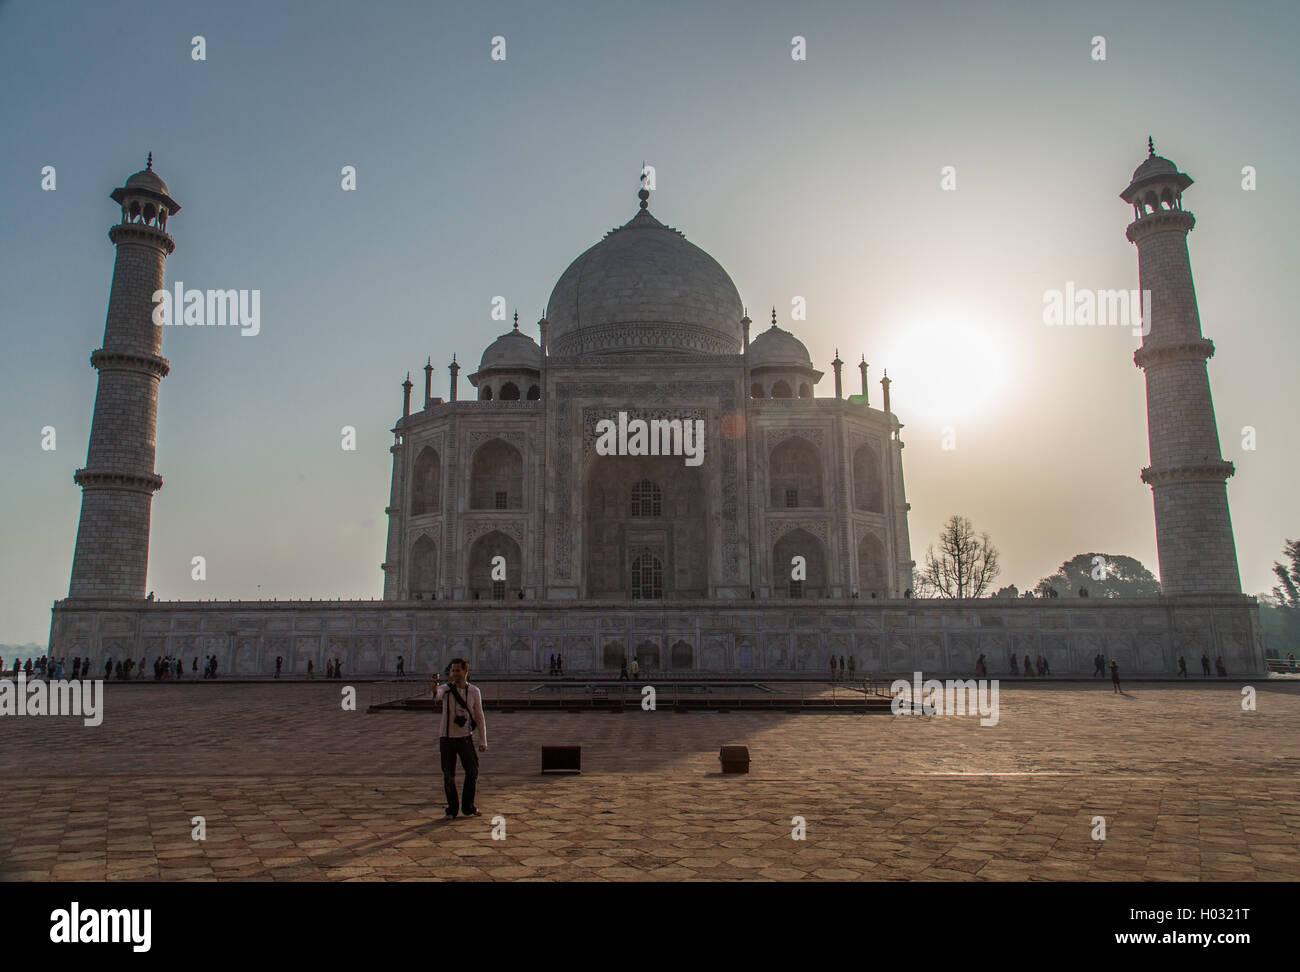 AGRA, Indien - 28. Februar 2015: Hintergrundbeleuchtung Ansicht des Taj Mahal aus West Side mit touristischen nehmen Stockbild